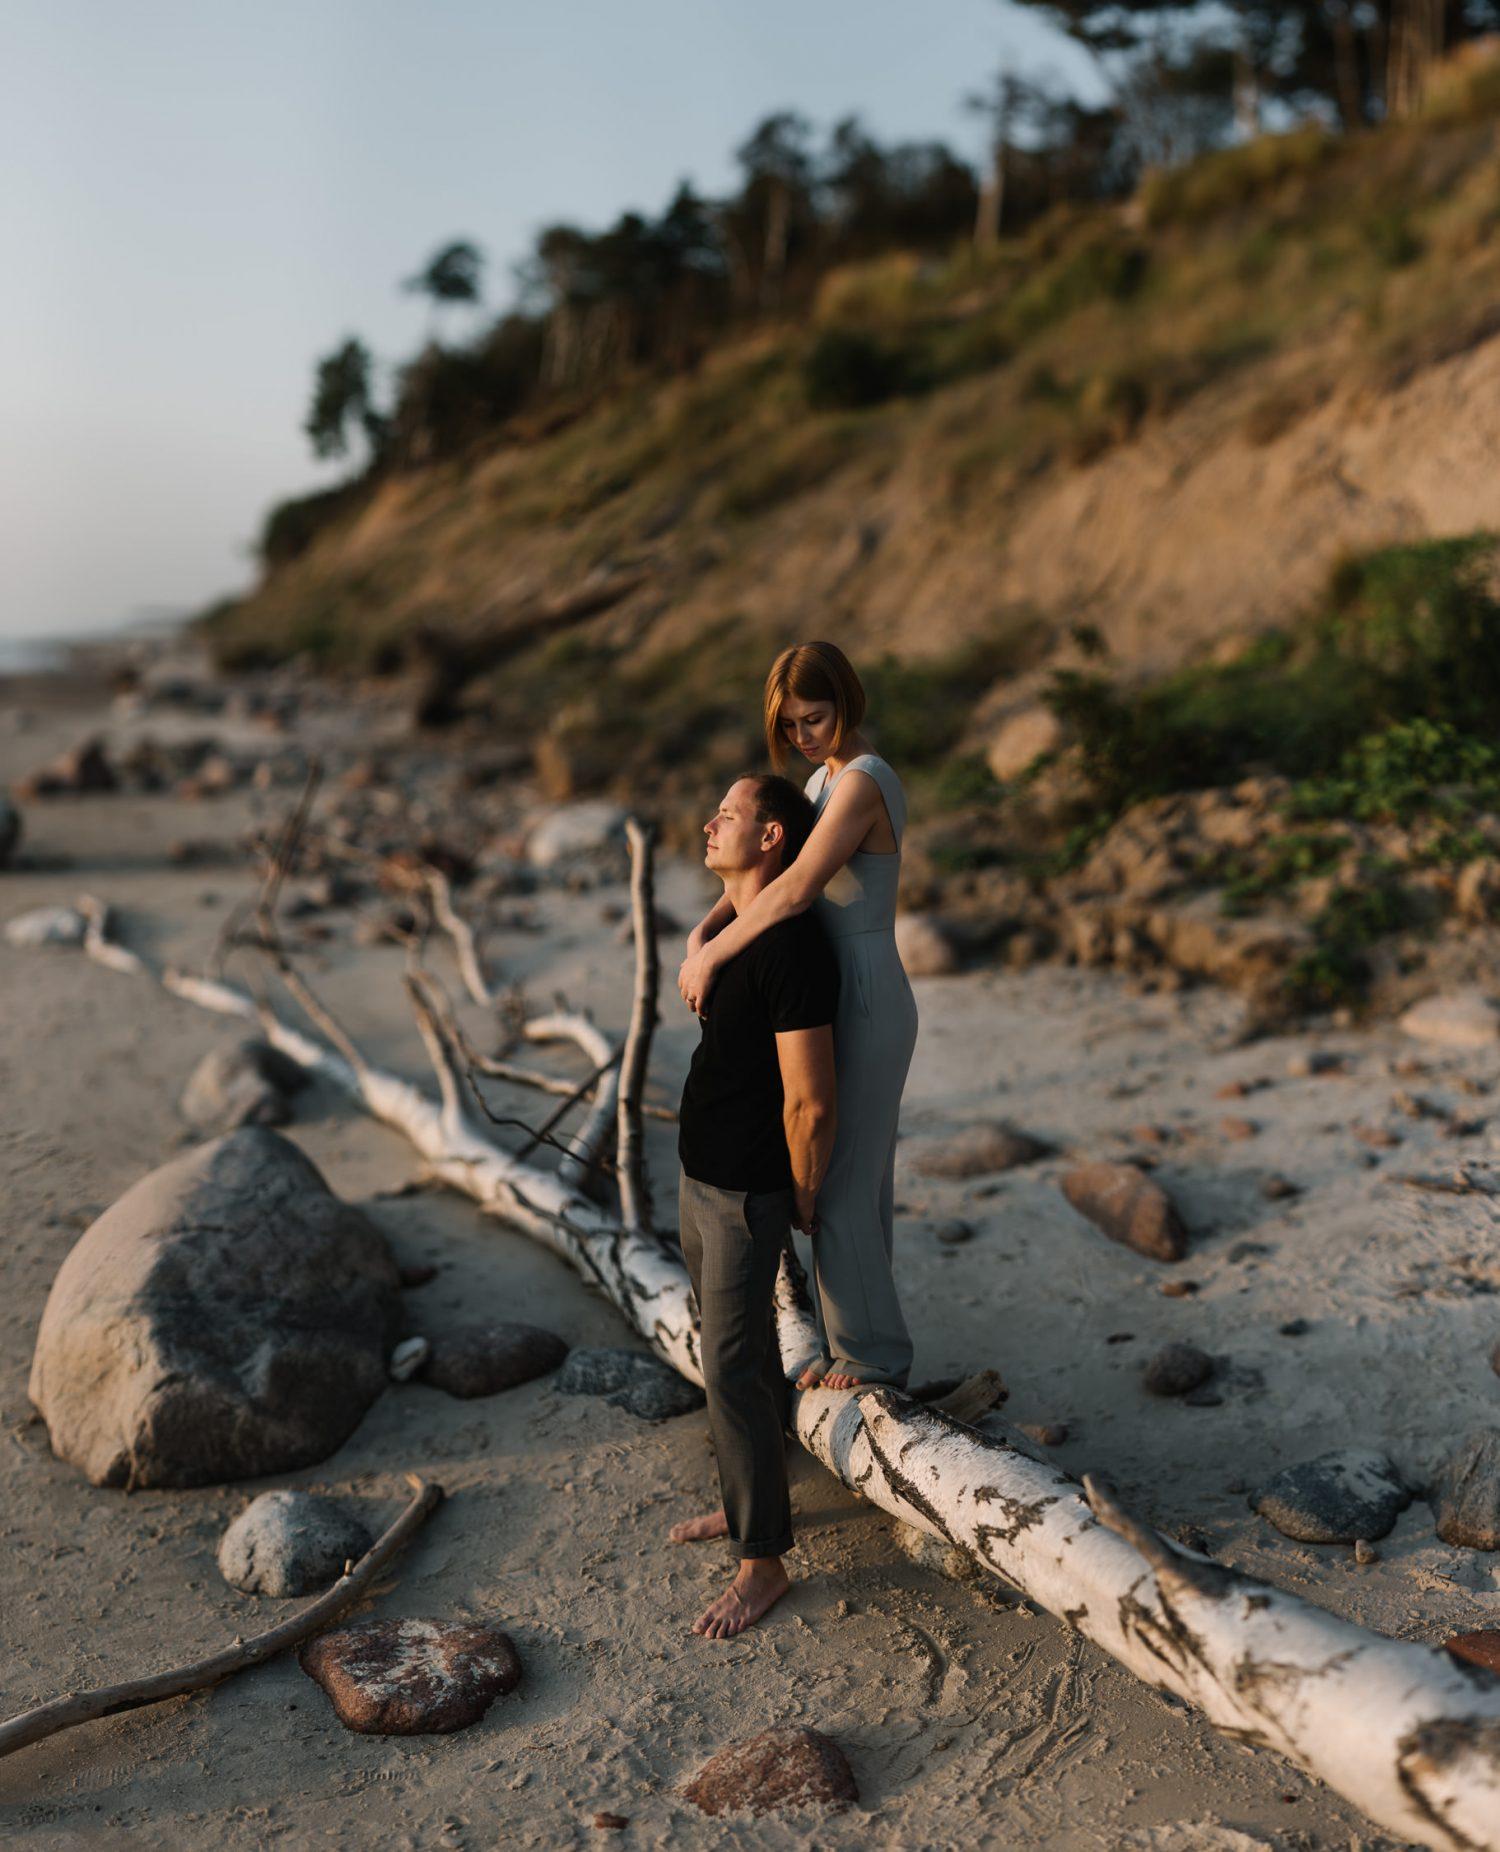 Ramuma ir tyla paplūdimyje prie Olando kepurės. Dovilės ir Vyganto portretas